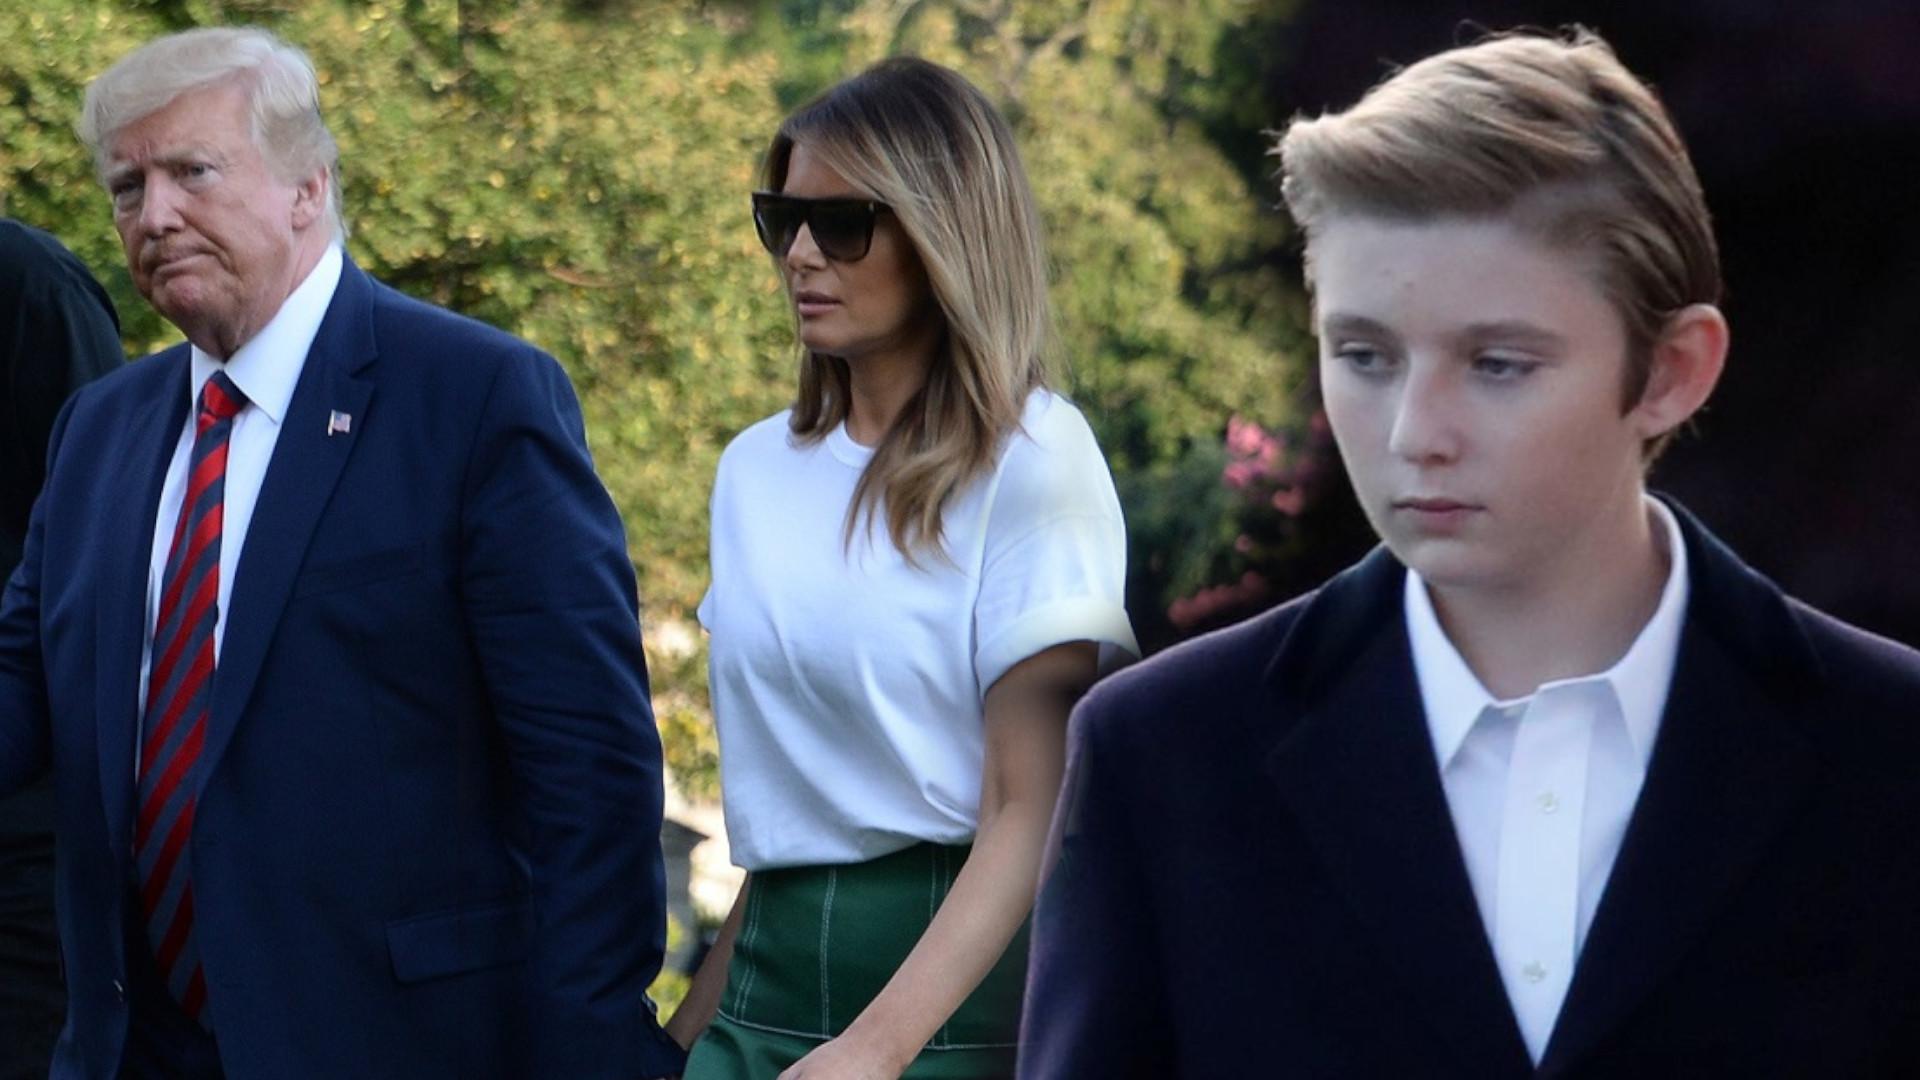 OMG! Syn Donalda i Melanii jest taki wysoki. Przerósł już rodziców (ZDJĘCIA)